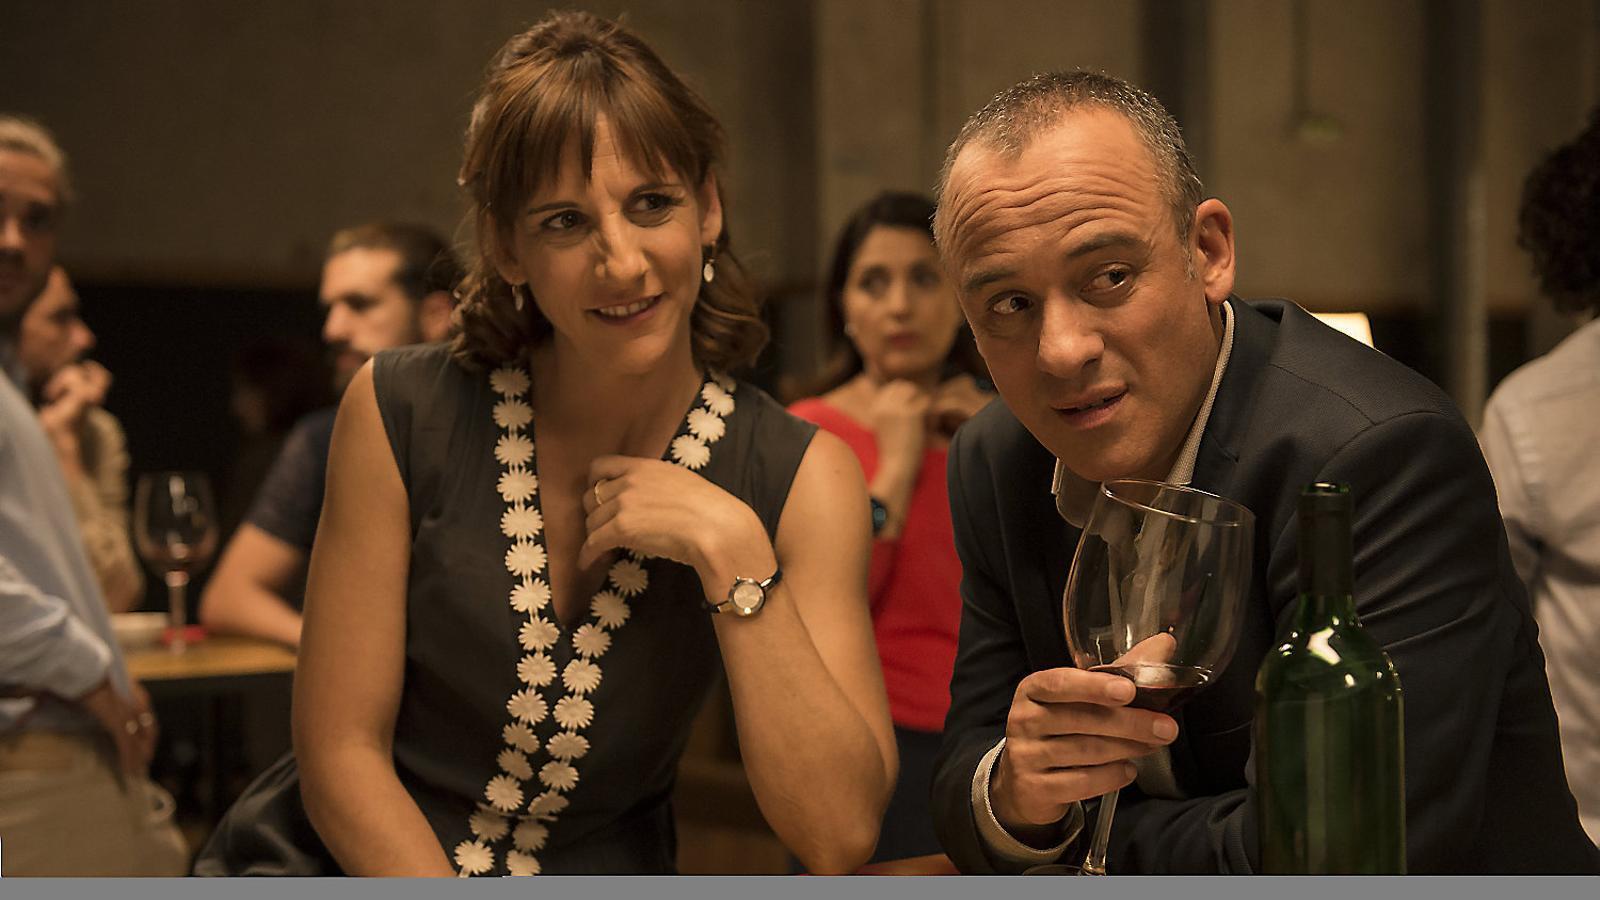 Malena Alterio i Javier Gutiérrez són la Nuria i el Jesús, una parella sense sort amb tendència a ficar la pota.